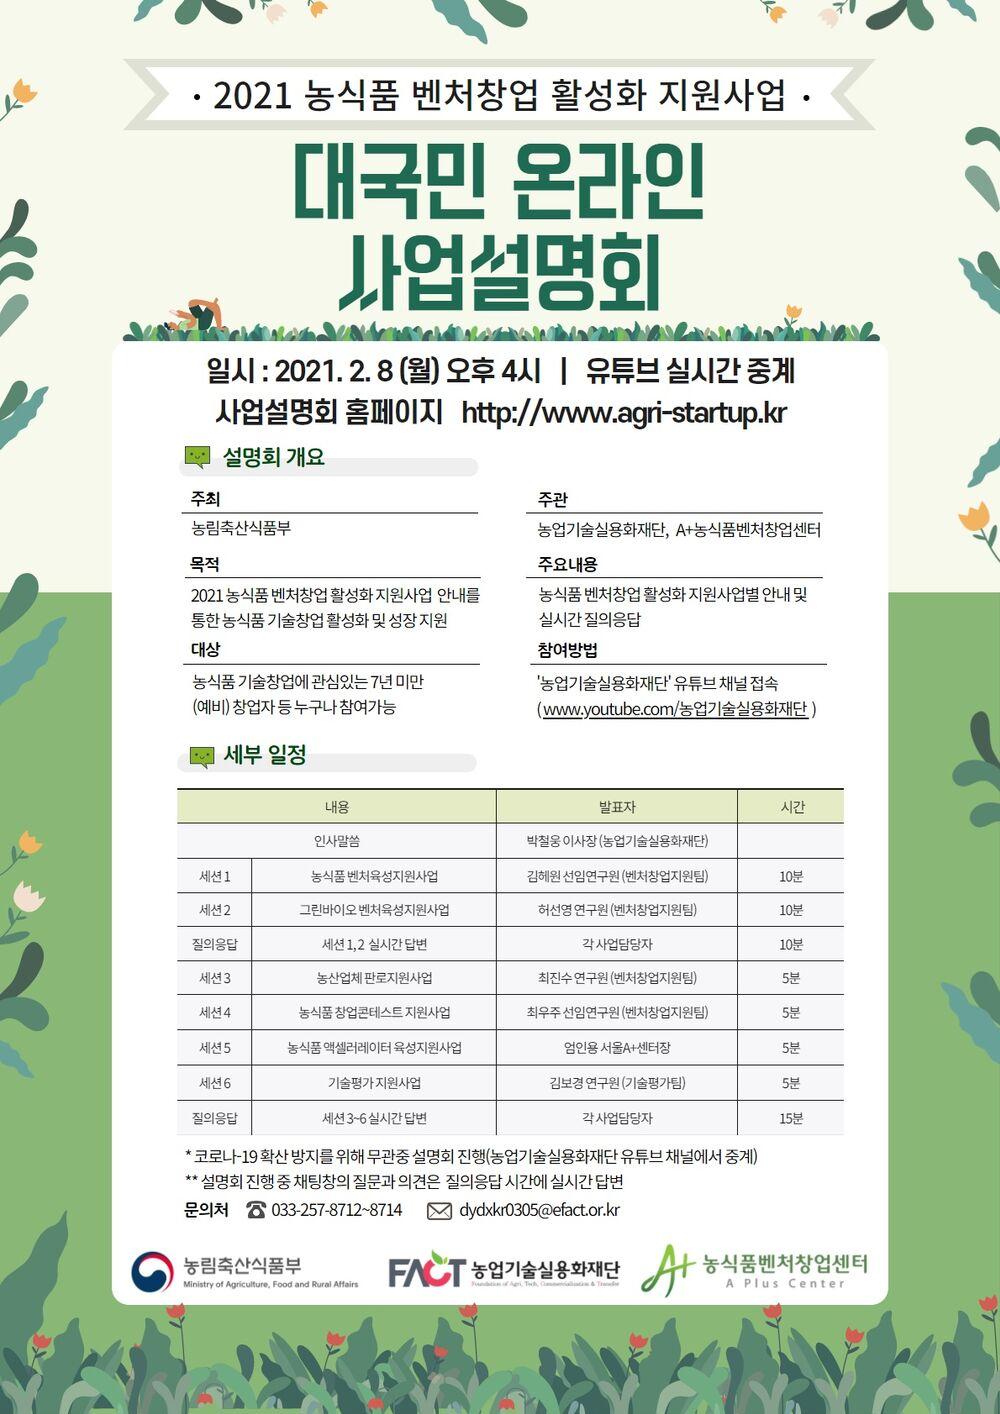 [포스터] 2021 농식품 벤처창업 활성화 지원사업  온라인 사업설명회(수정).jpg